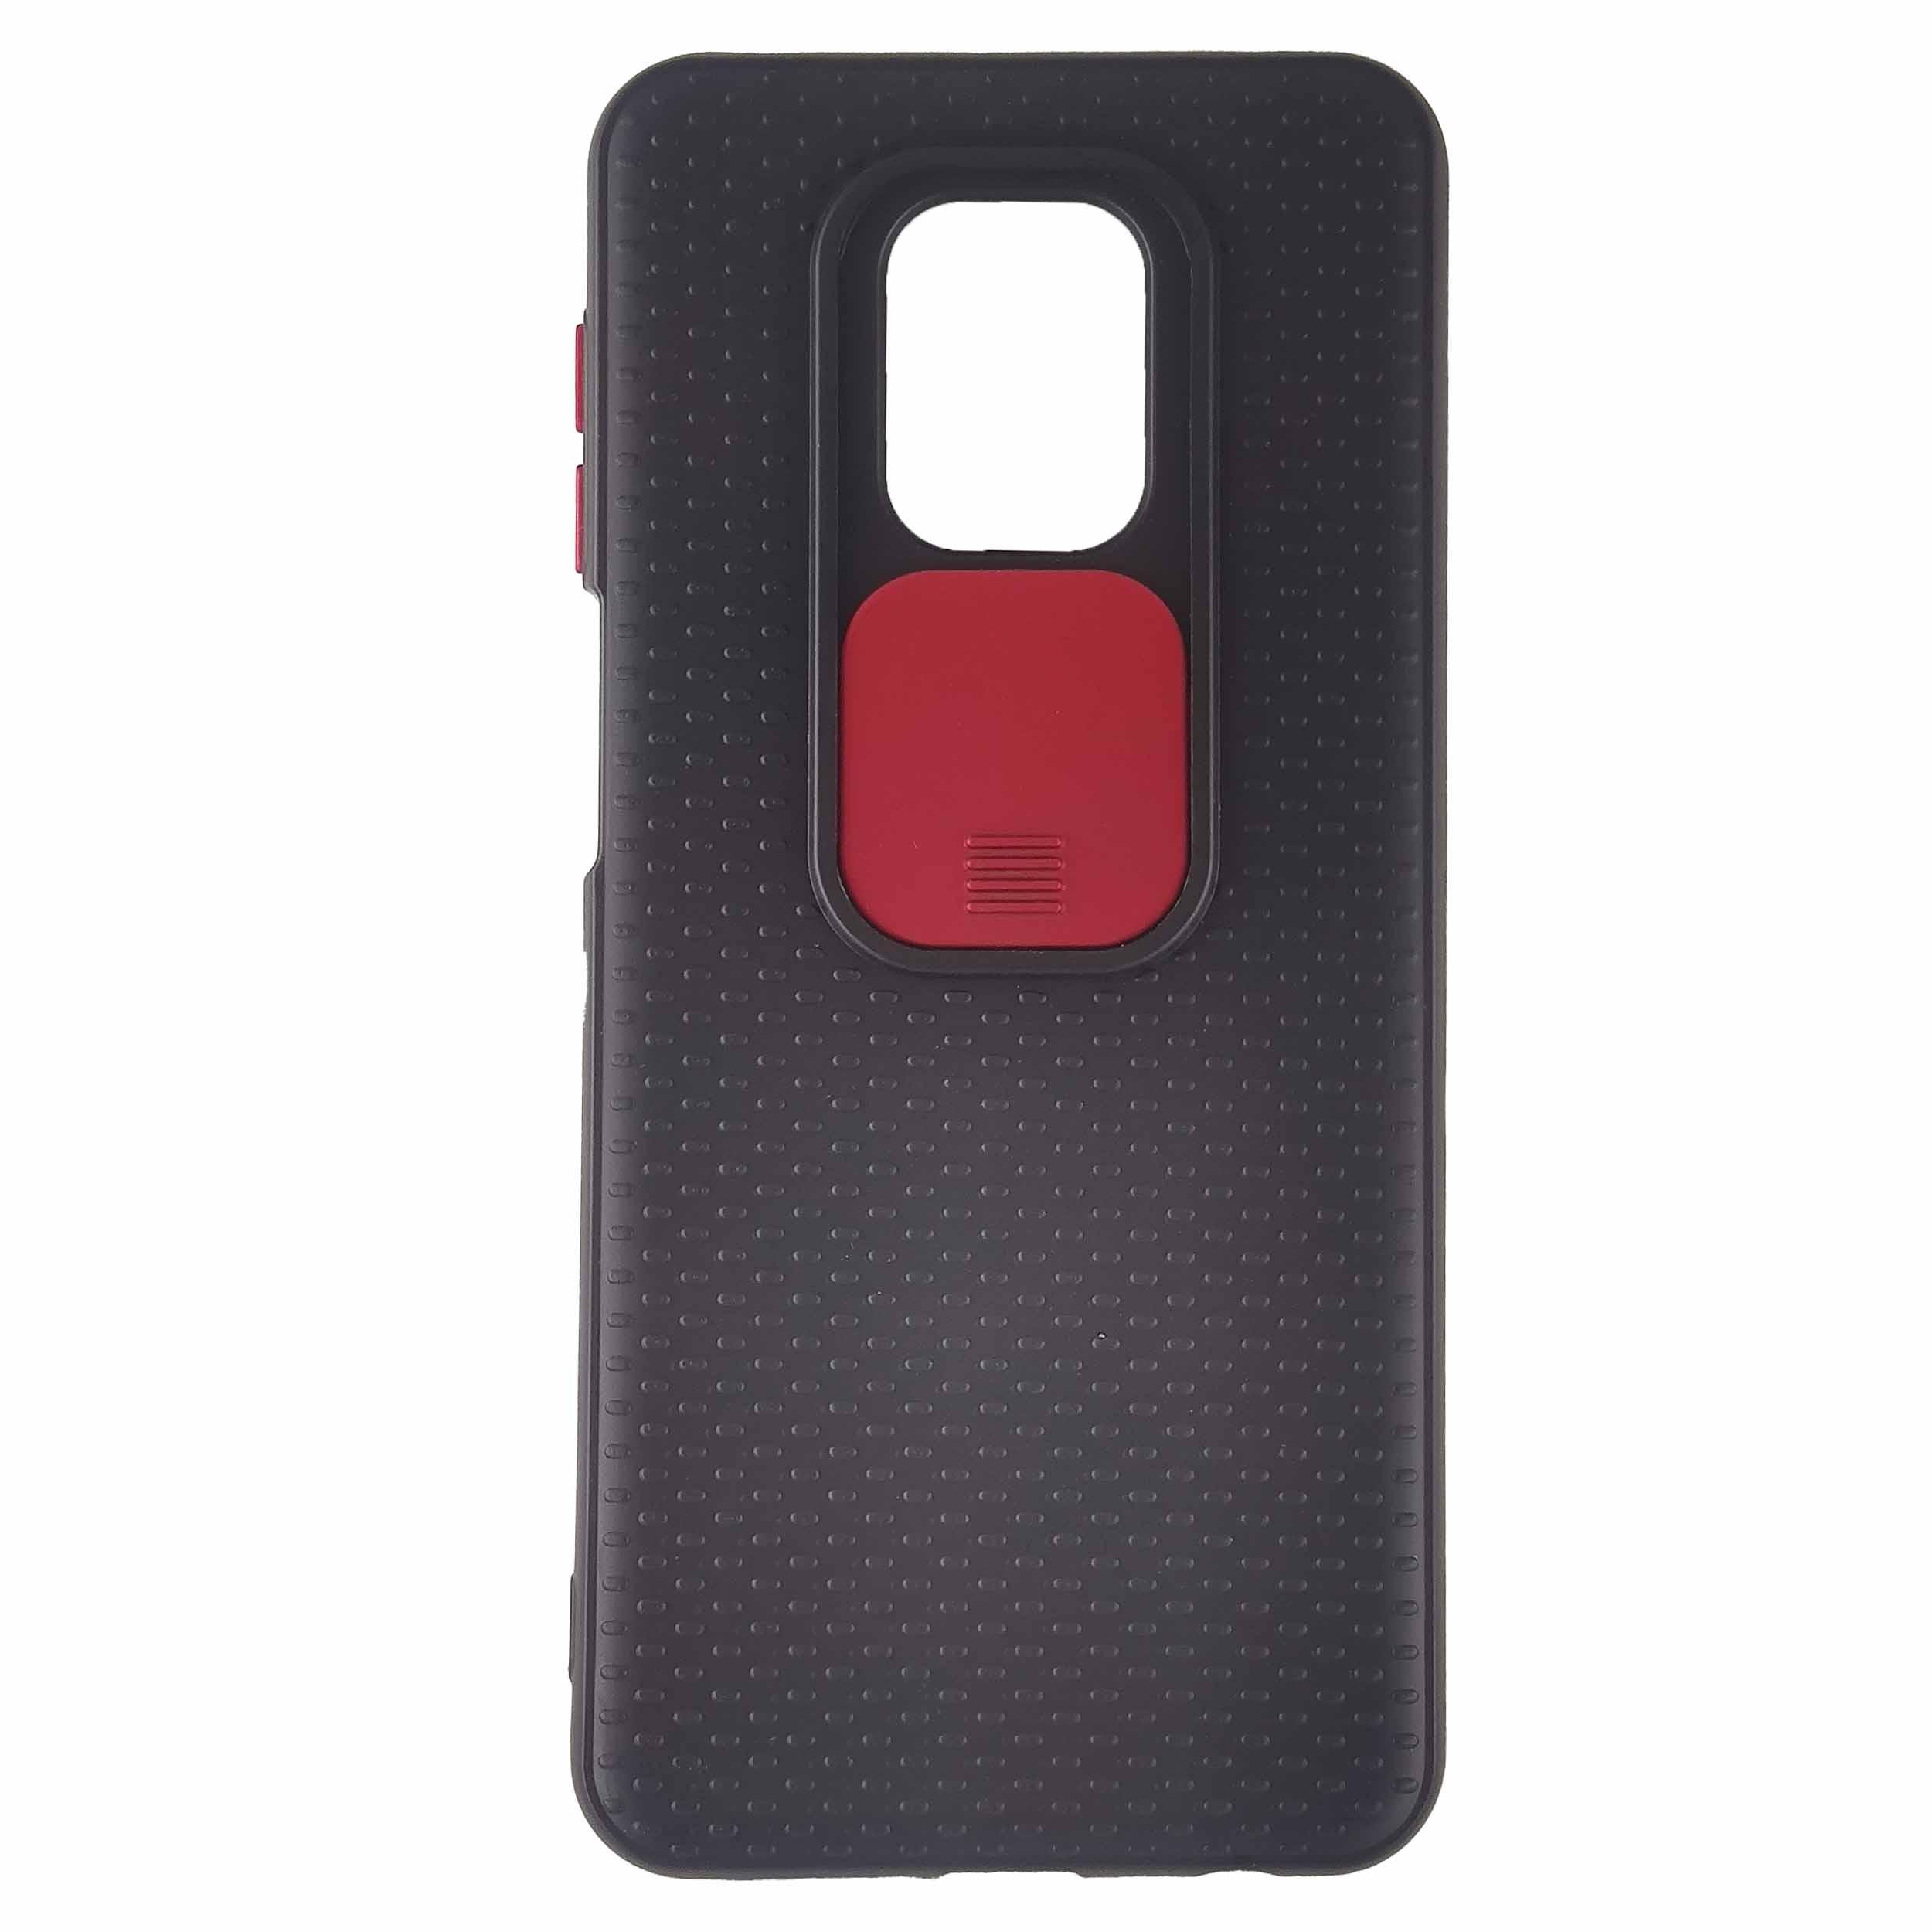 کاور مدل TEM مناسب برای گوشی موبایل شیائومی Redmi Note 9s/9pro